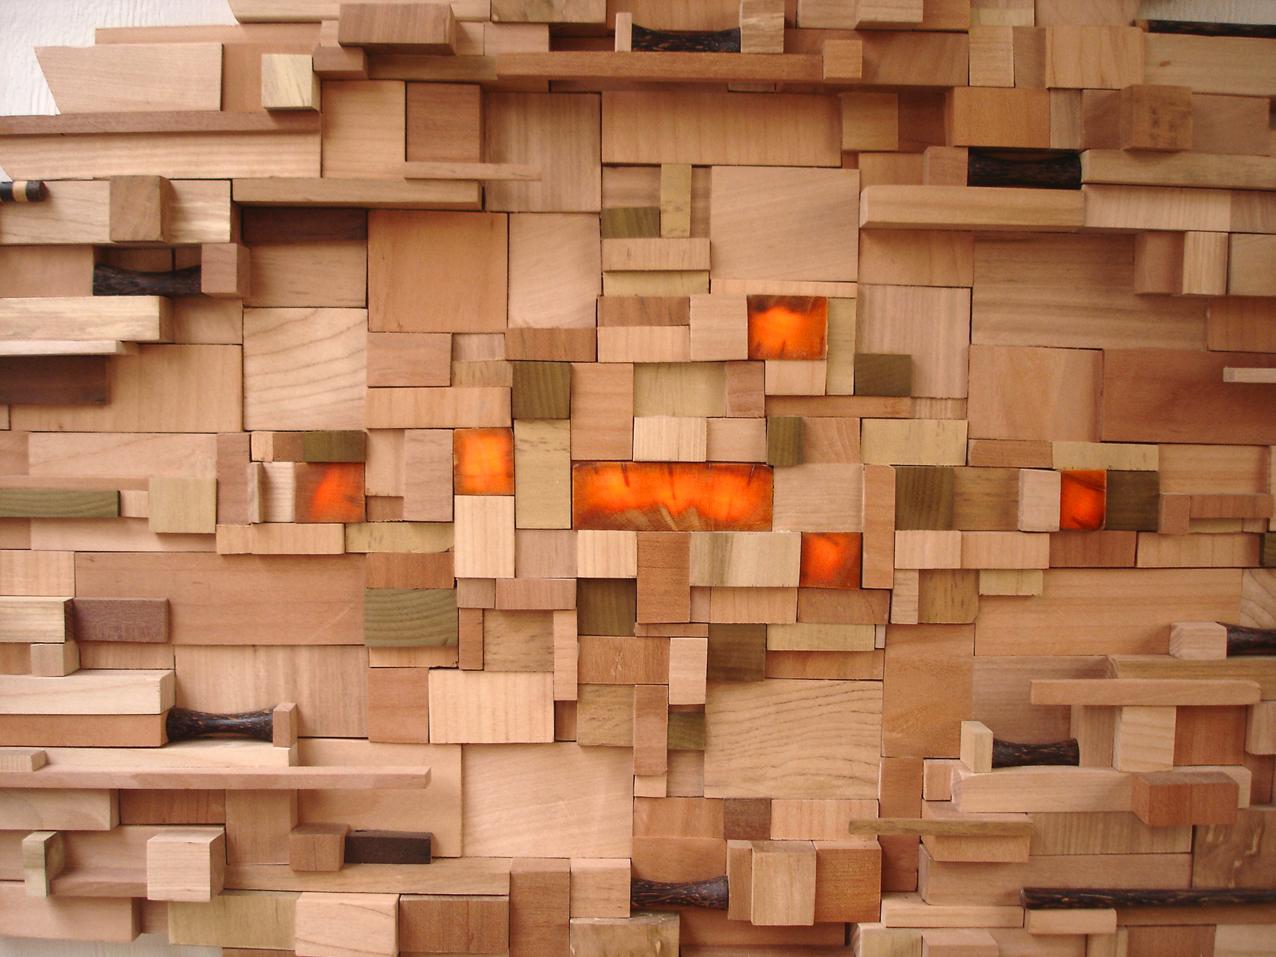 PUYEHUE, DESINTEGARCIÓN CARTOGRÁFICA. 2011. Luces LED, madera de picoyo (araucaria), roble, raulí, coihue, laurel, coco y castaño. 300 x 60 x 5 cm